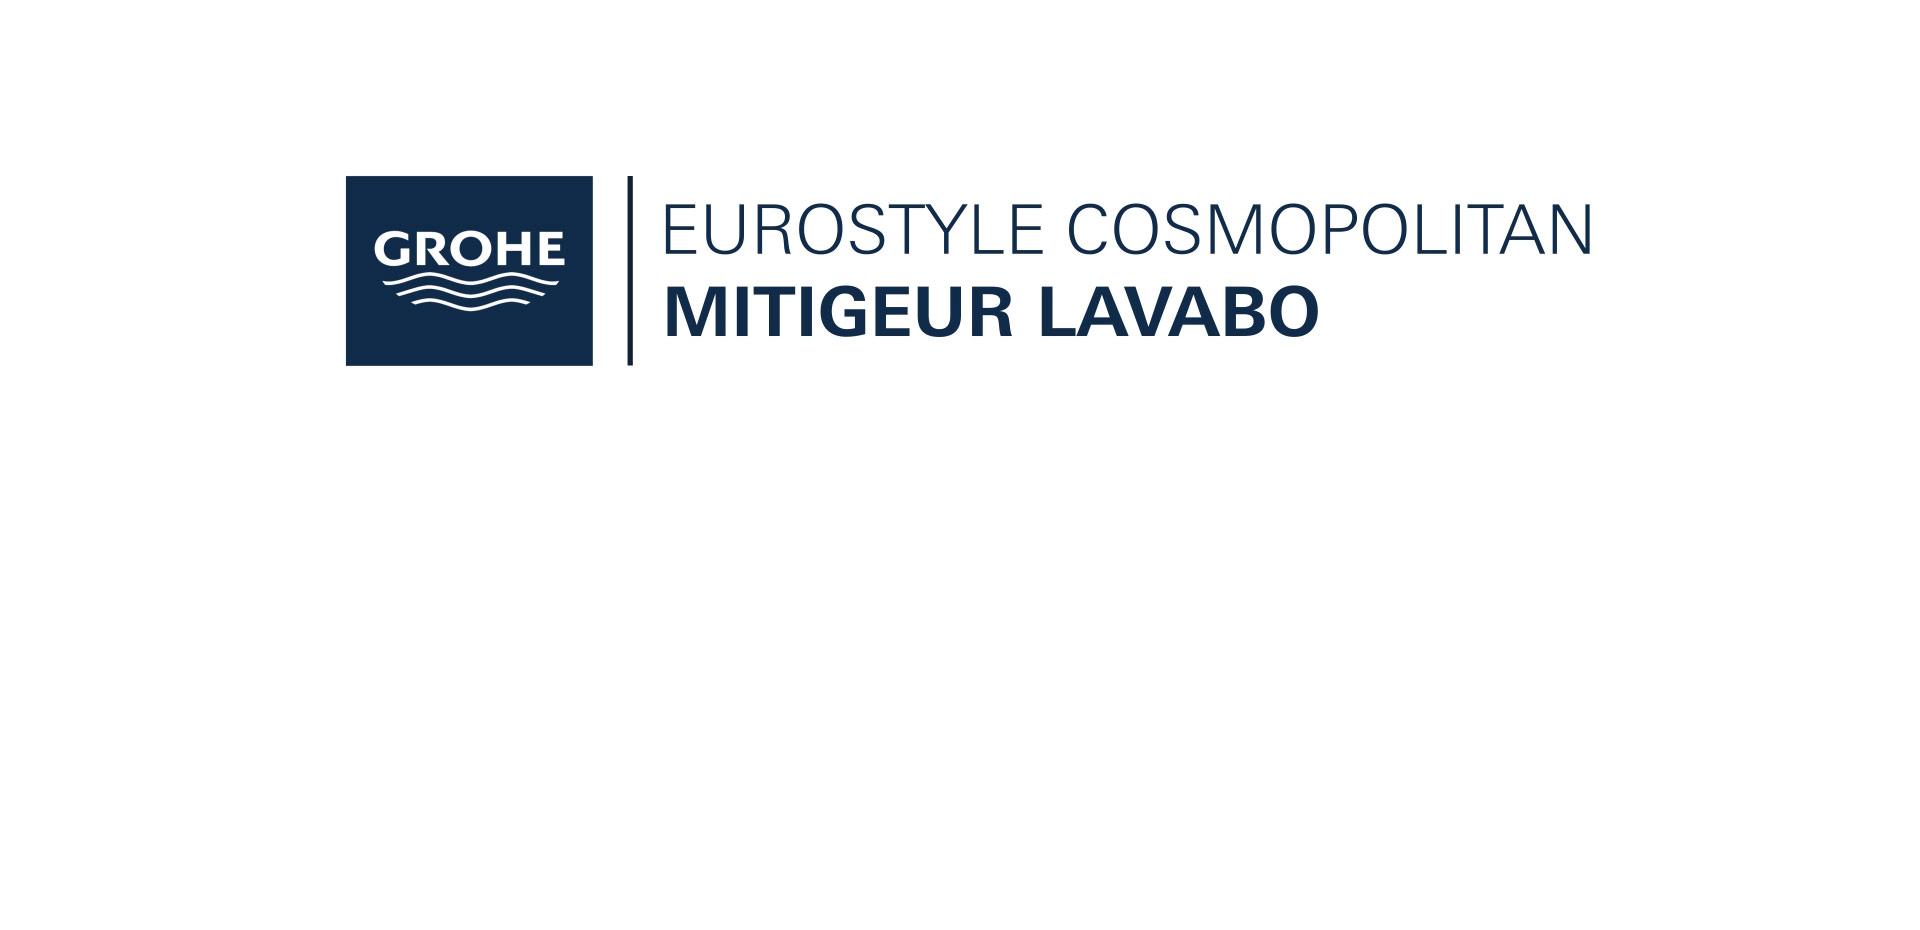 Mitigeur Lavabo Taille S Eurostyle Cosmopolitan Chromé de Grohe